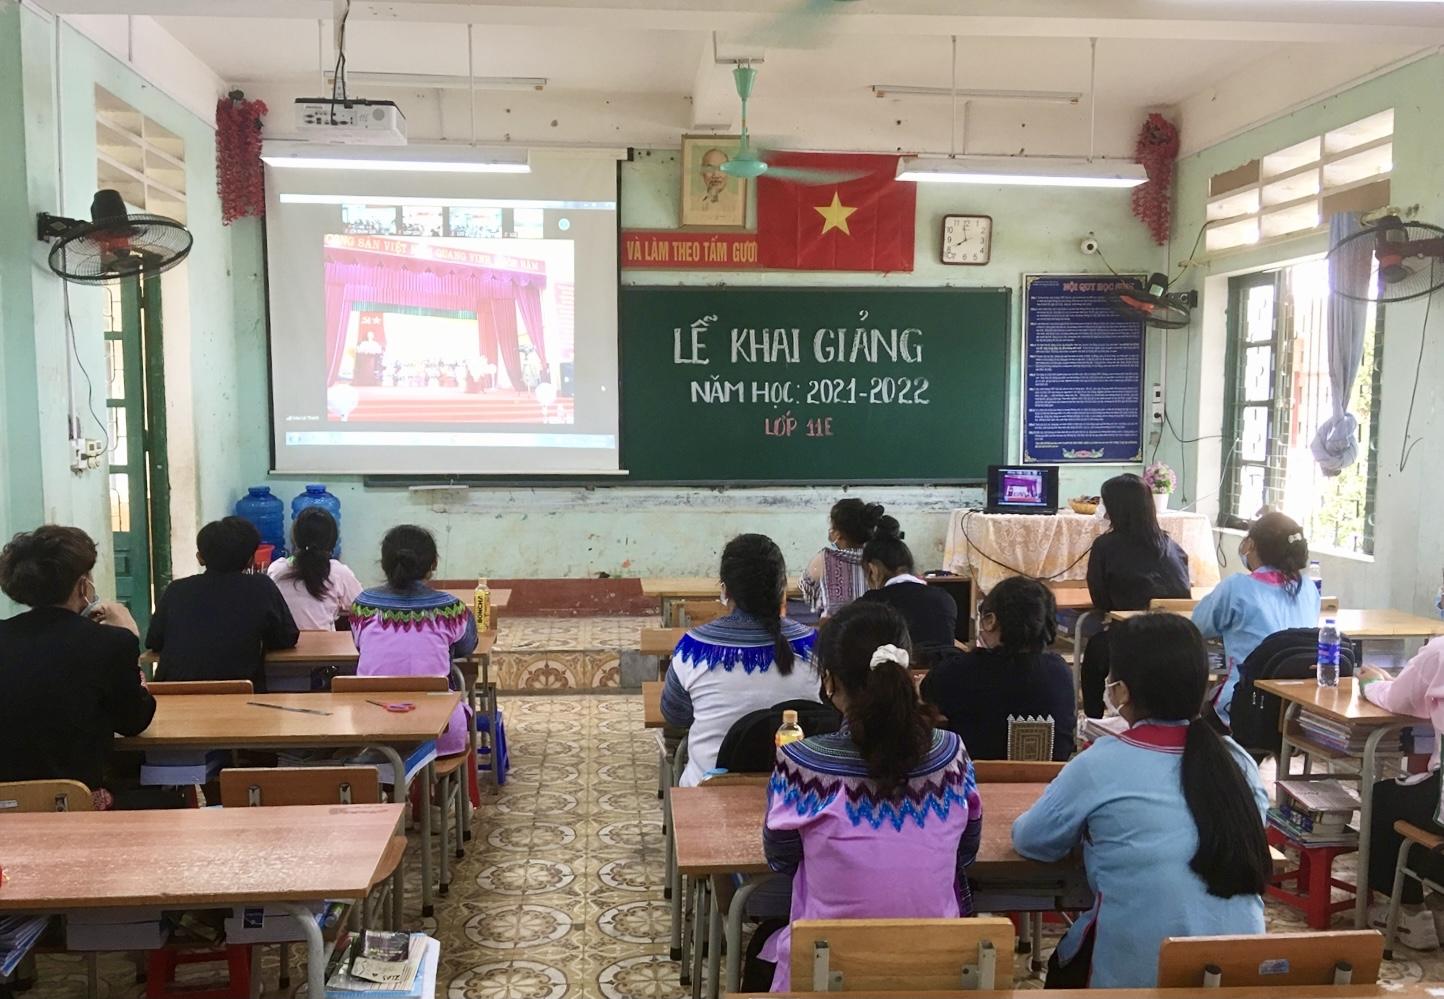 Học sinh DTTS theo dõi Lễ Khai giảng trực tuyến tại lớp học. (Ảnh: Trọng Bảo)